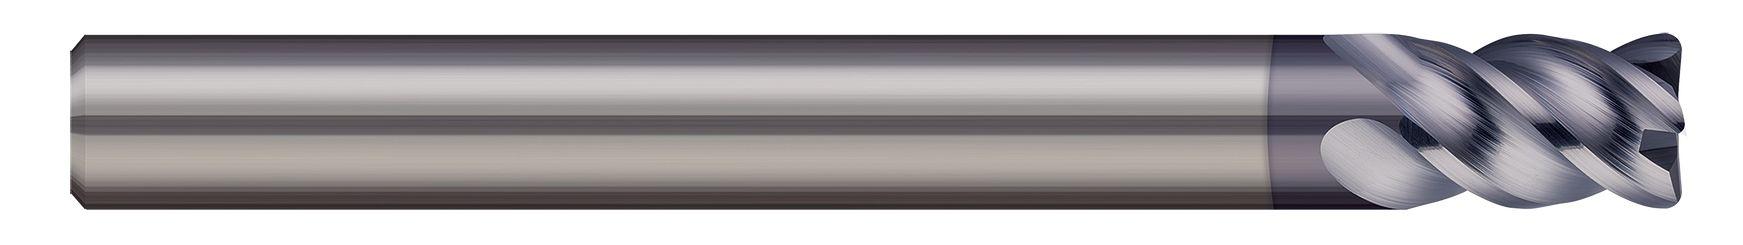 tool-details-HMCM-0402-4X